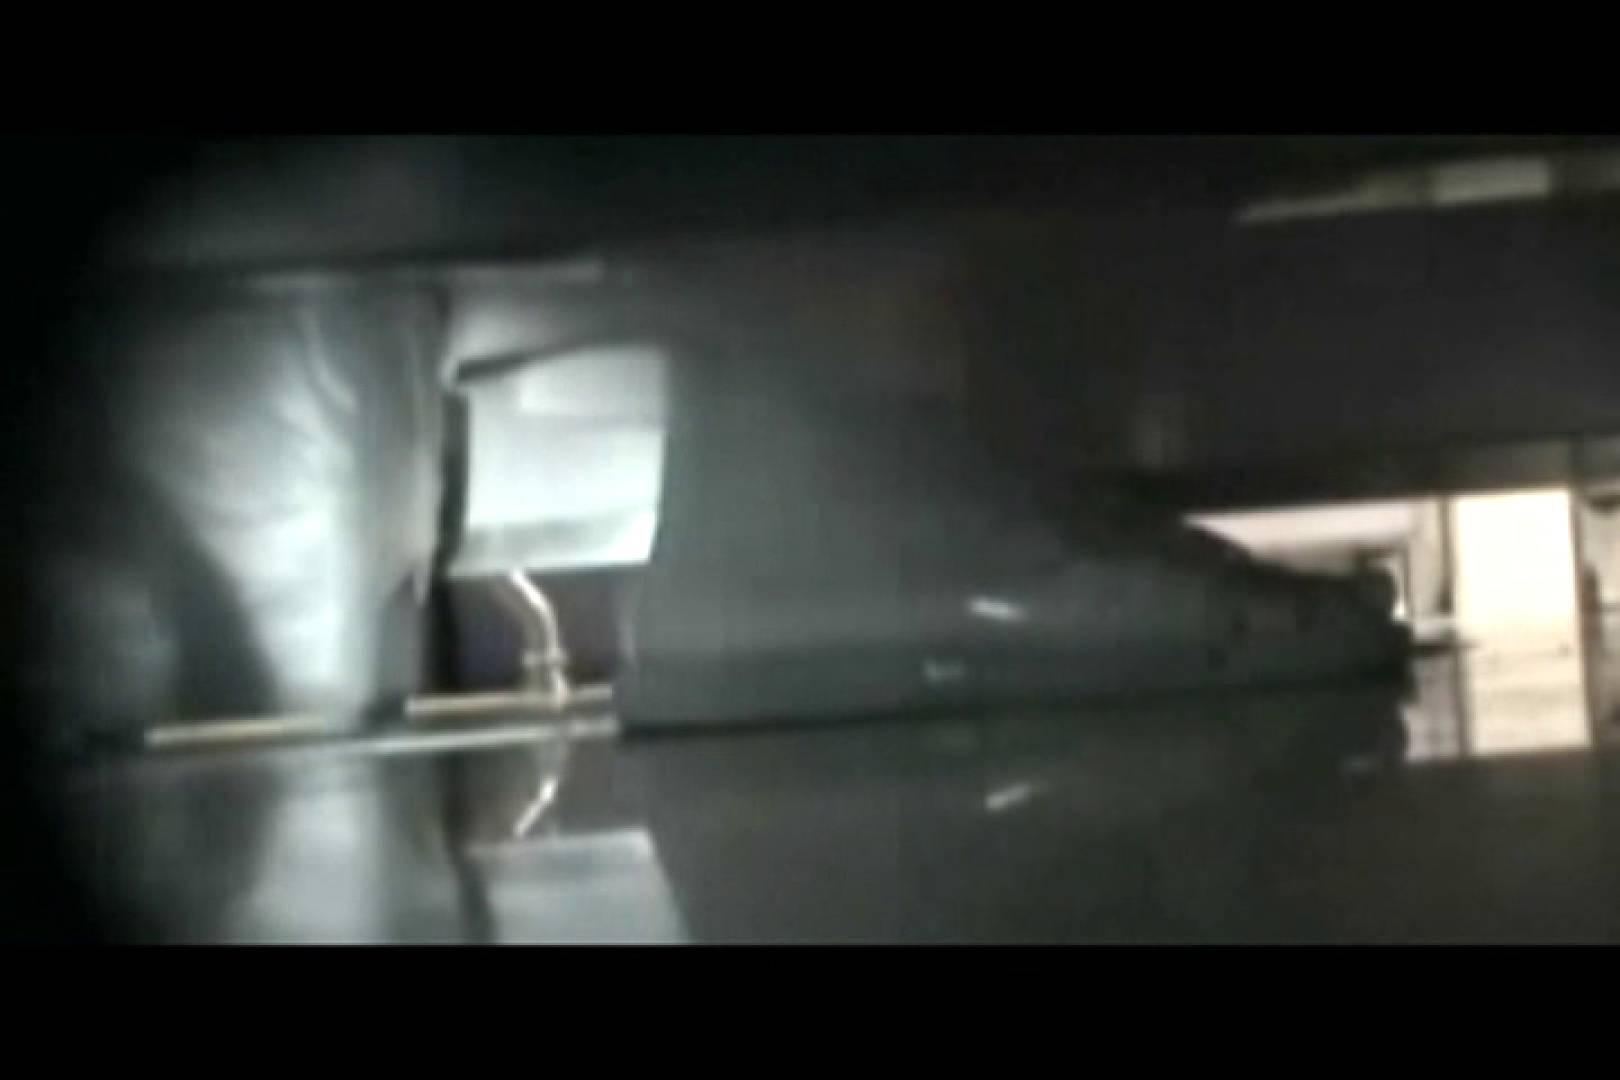 ぼっとん洗面所スペシャルVol.19 洗面所 | おまんこモロ出し  109pic 107